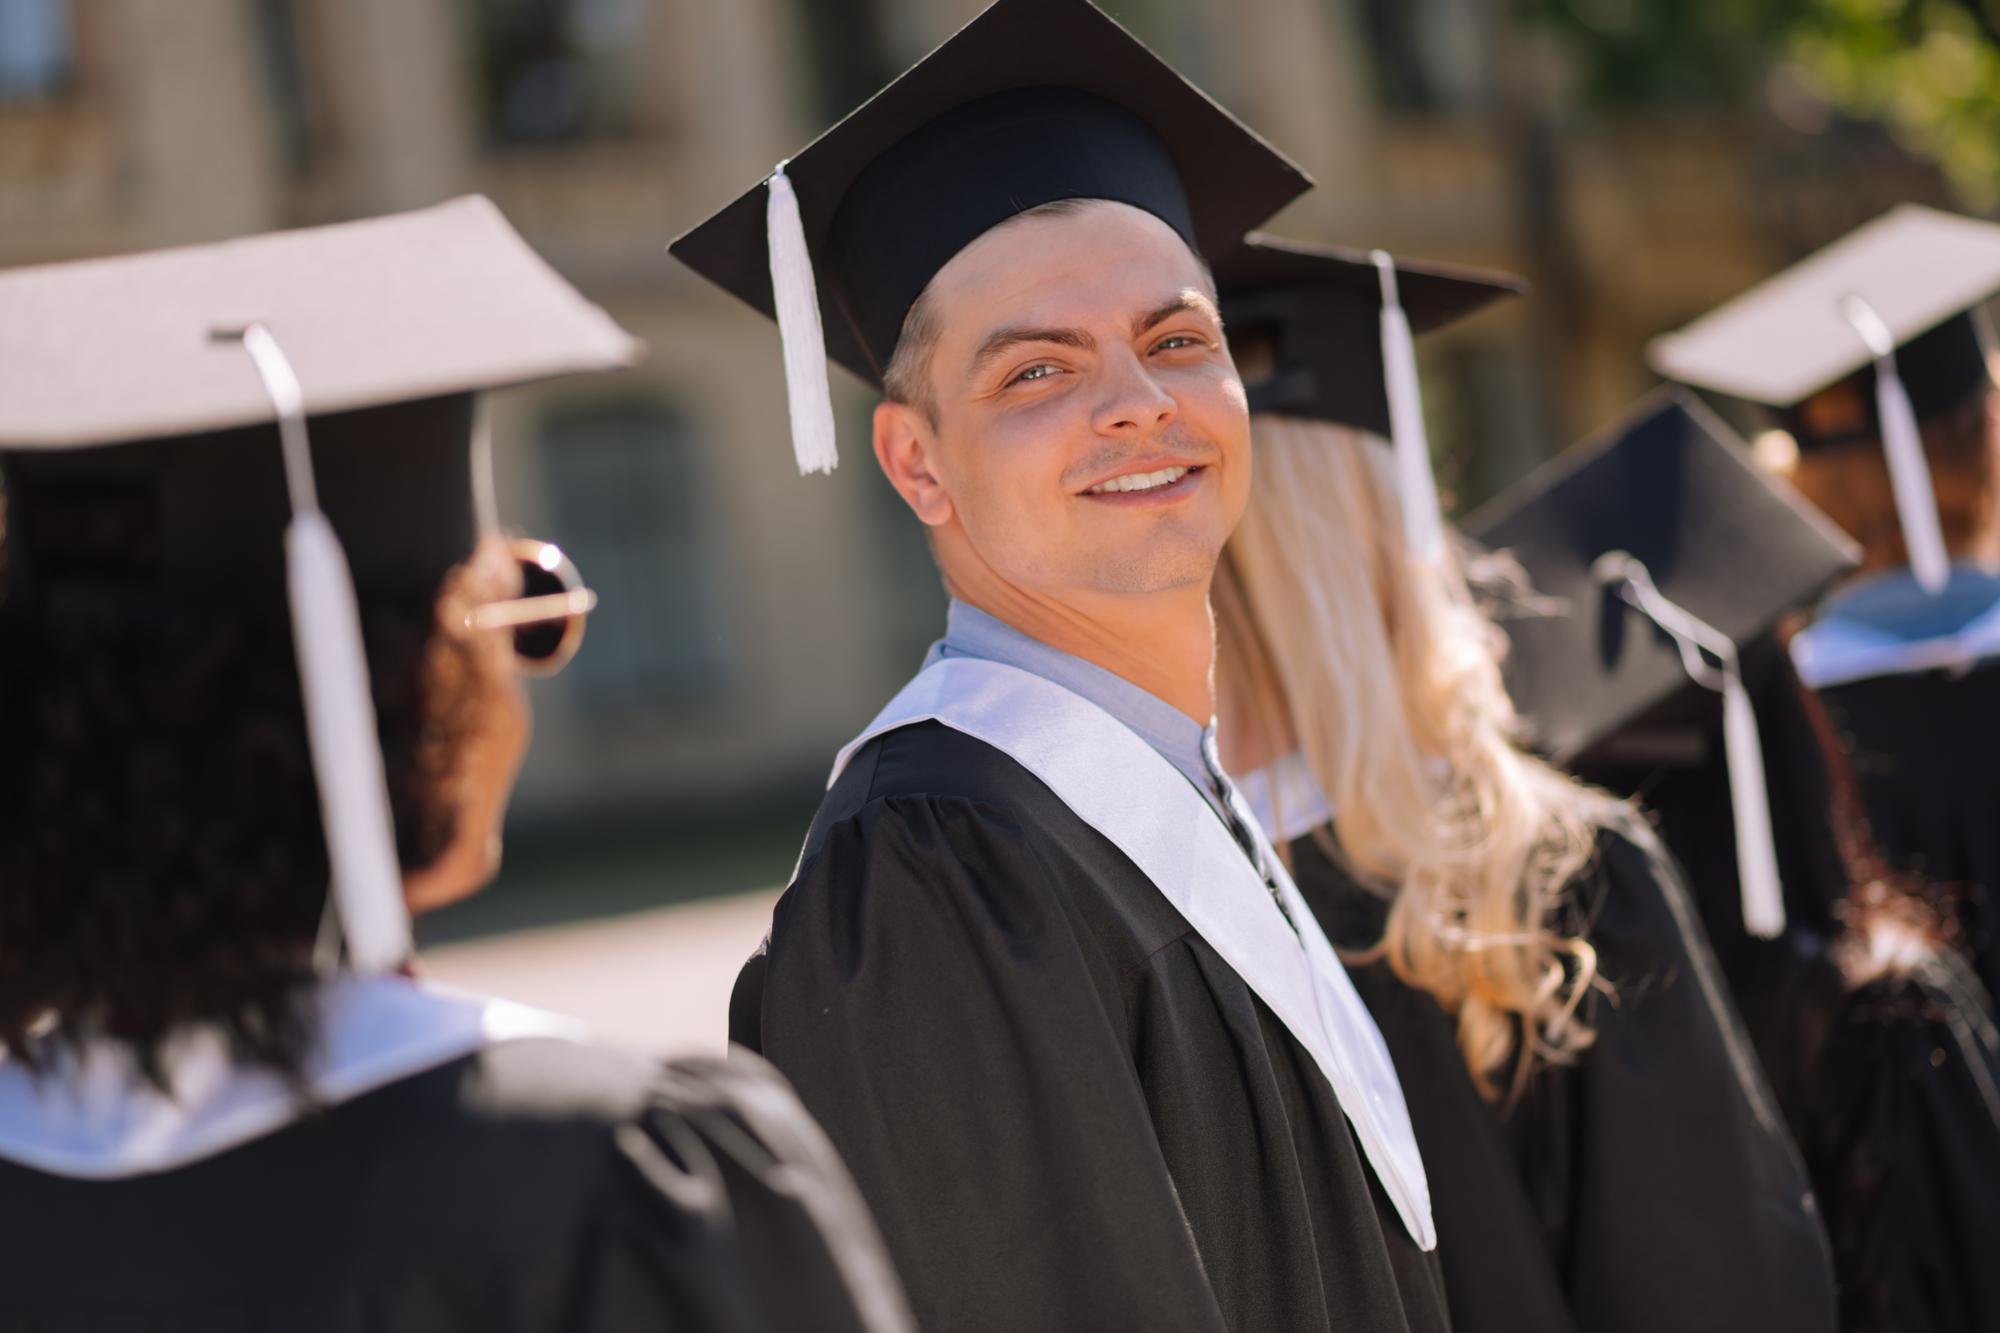 Получить MBA бесплатно. Его дадут в фонде QS − компания выбирает топ-200 вузов мира каждый год